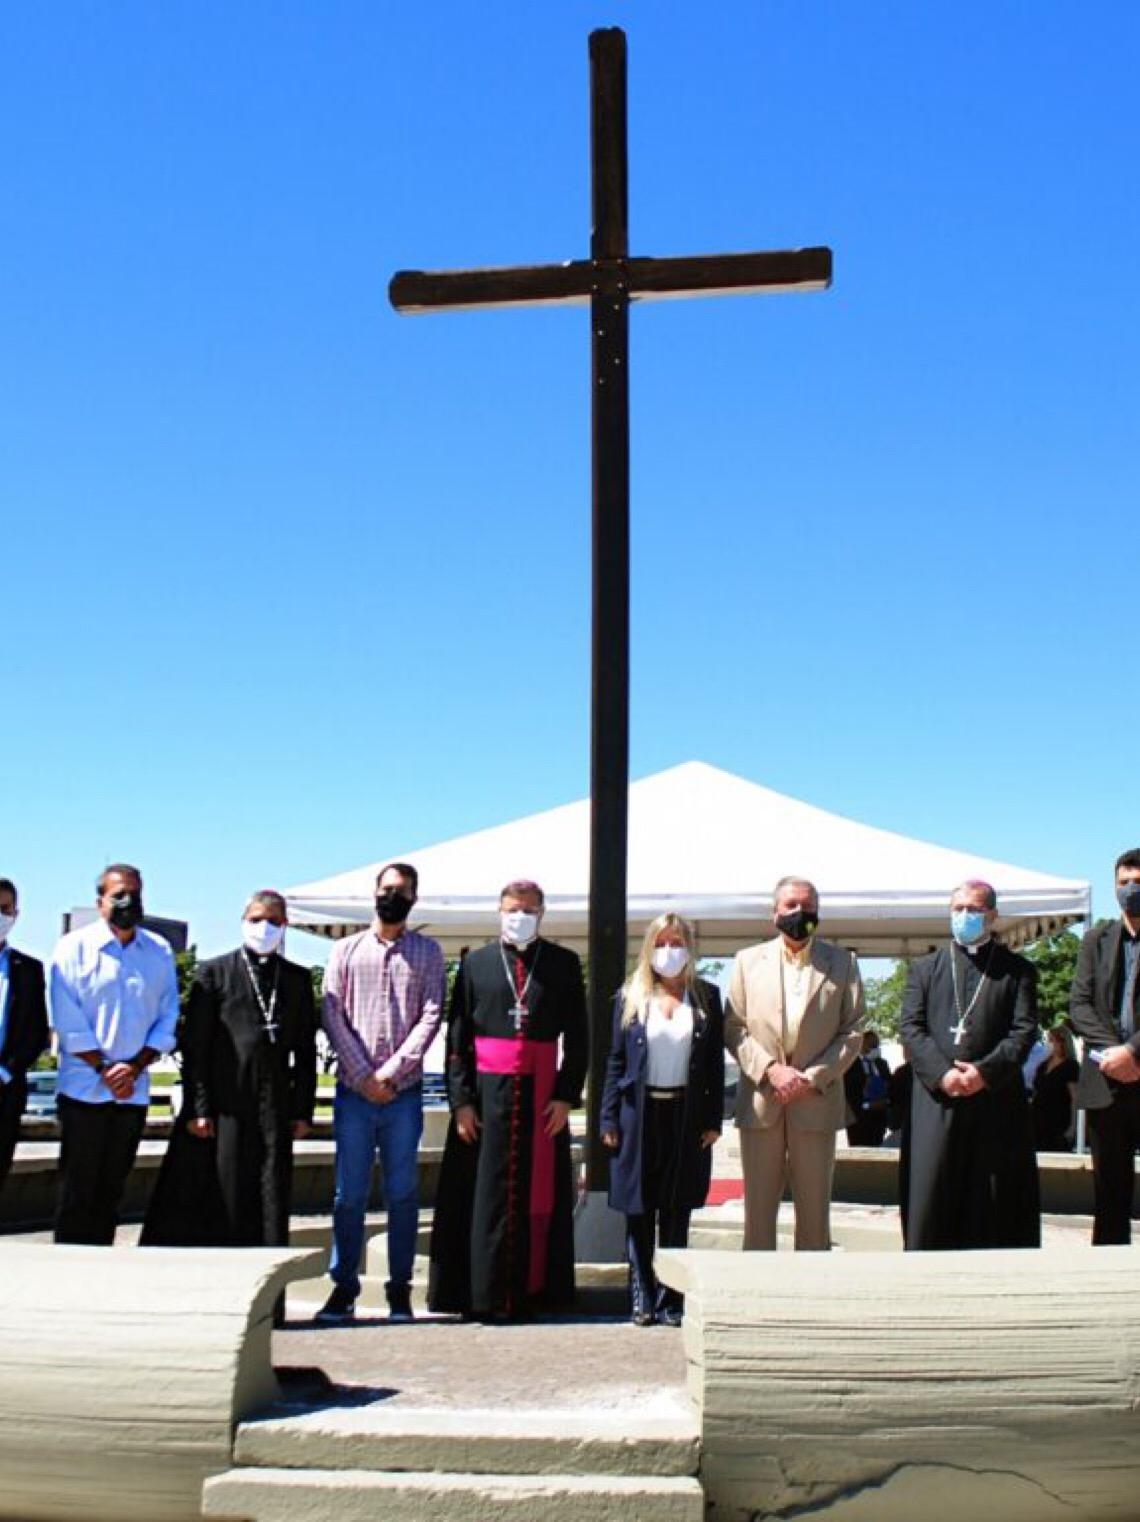 Aniversário da 1ª missa é celebrado na Catedral e na Praça do Cruzeiro